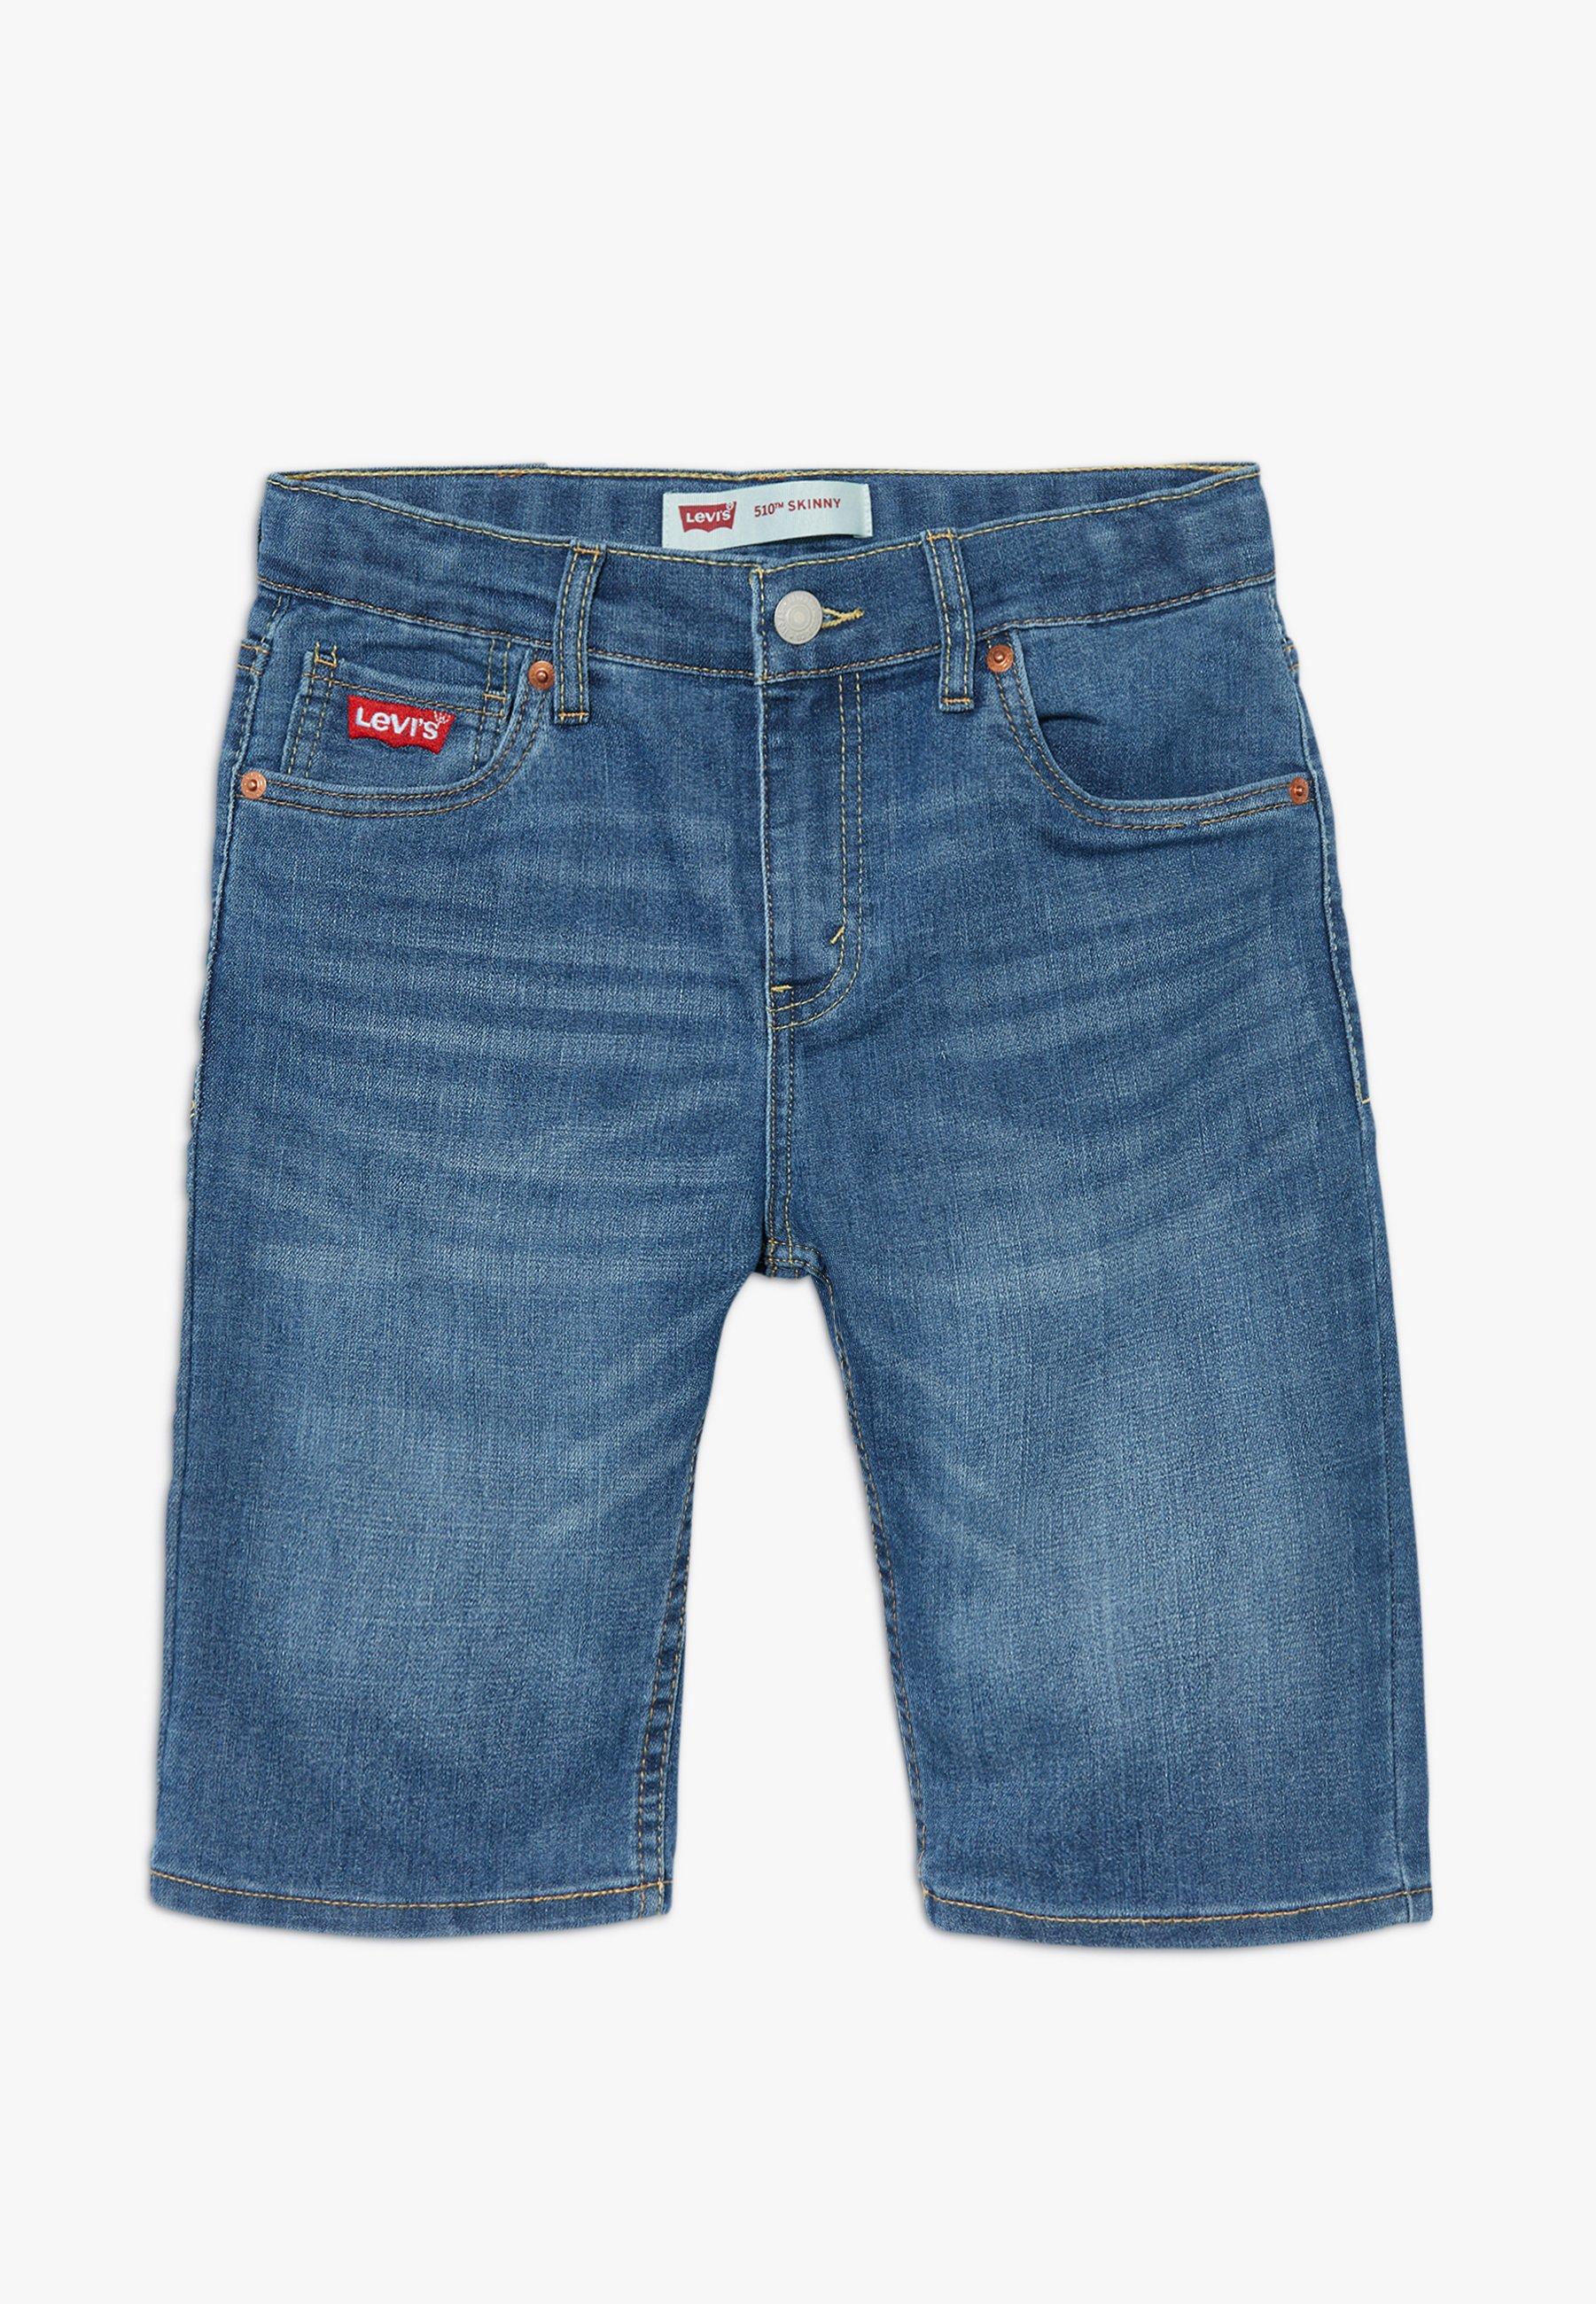 vans old skool schwarz skinny jeans boys jungs outfit in